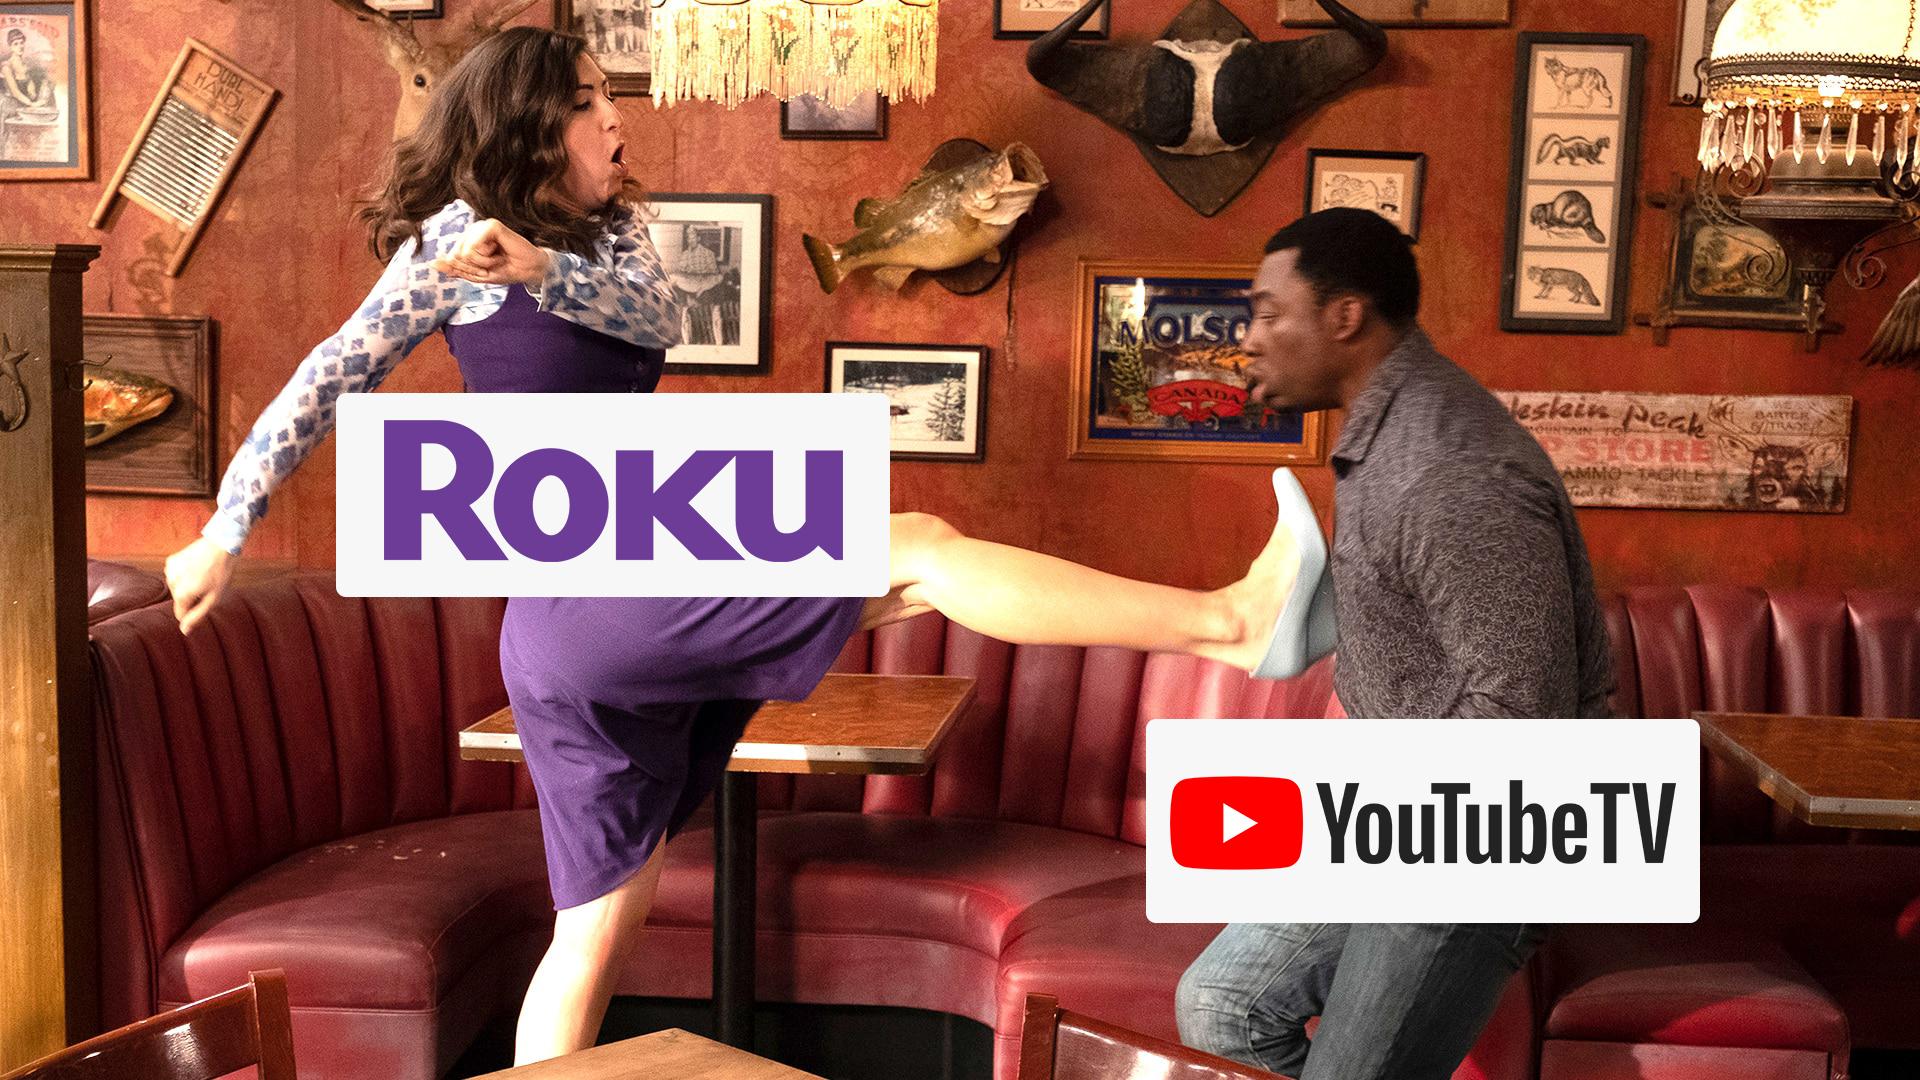 Roku versus YouTube TV